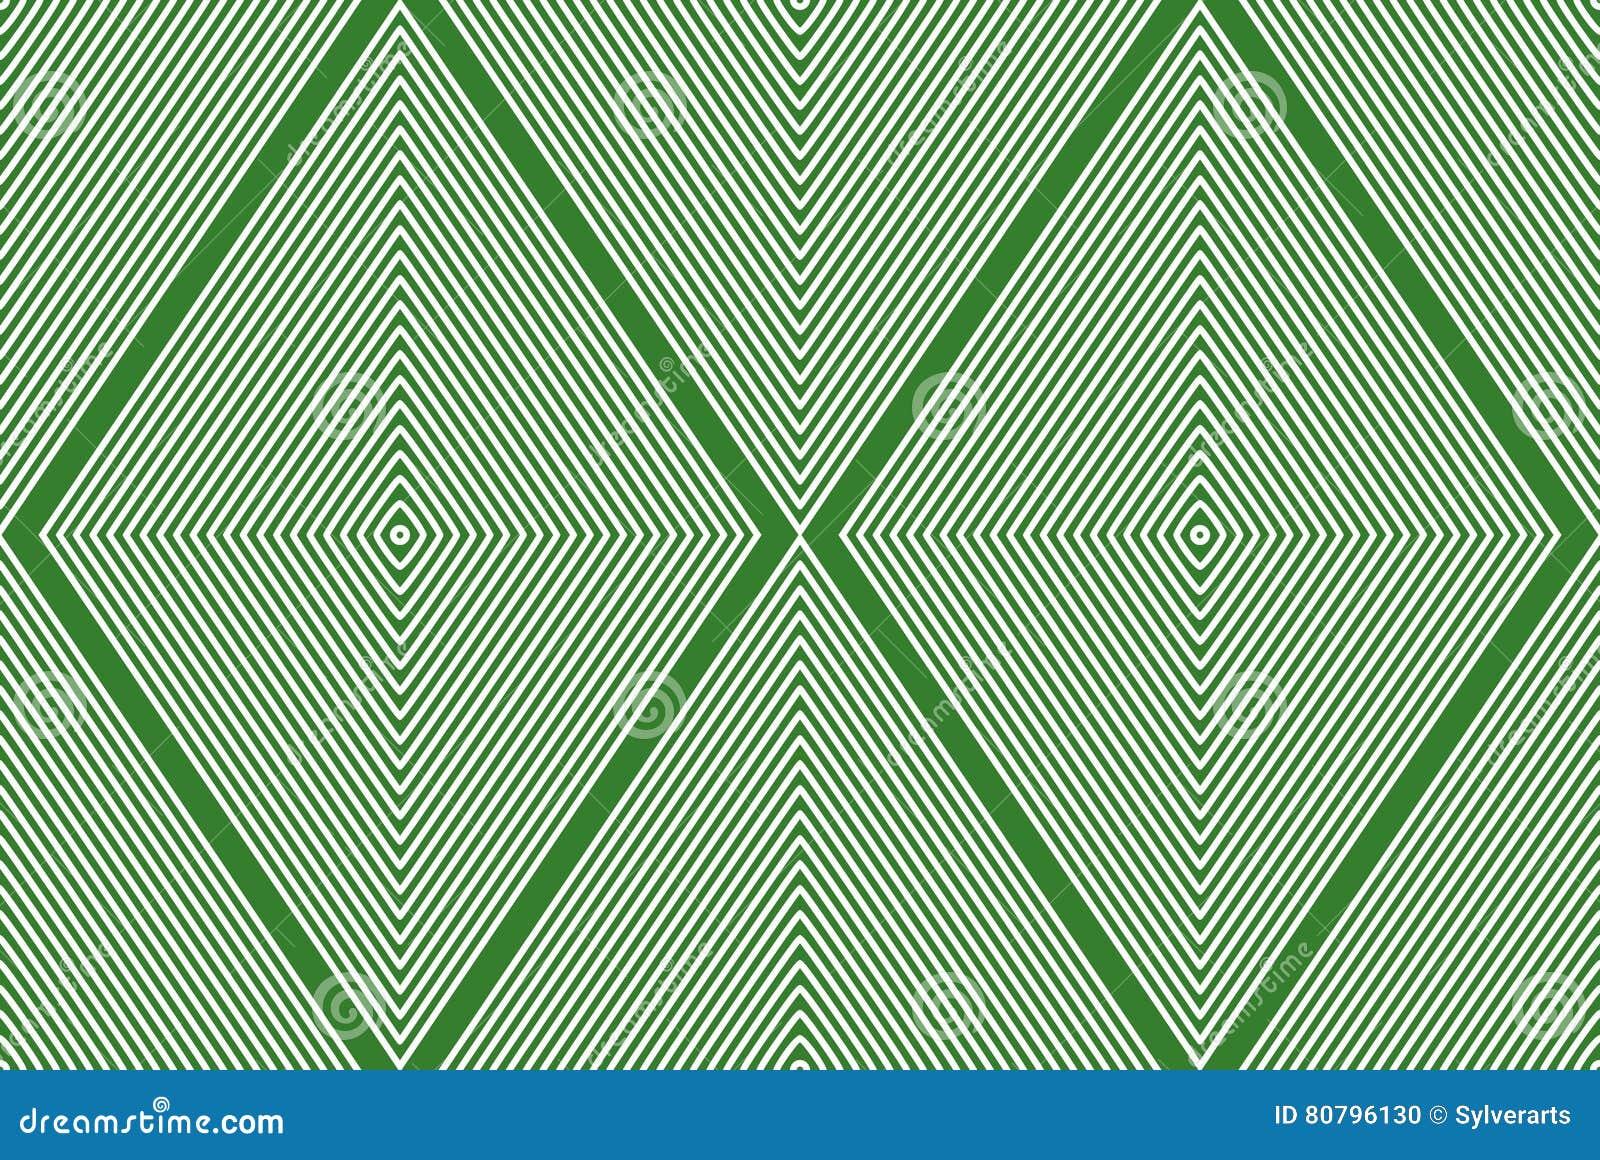 Ljus strimmig ändlös modell för vektor, konst fortlöpande geometriskt b